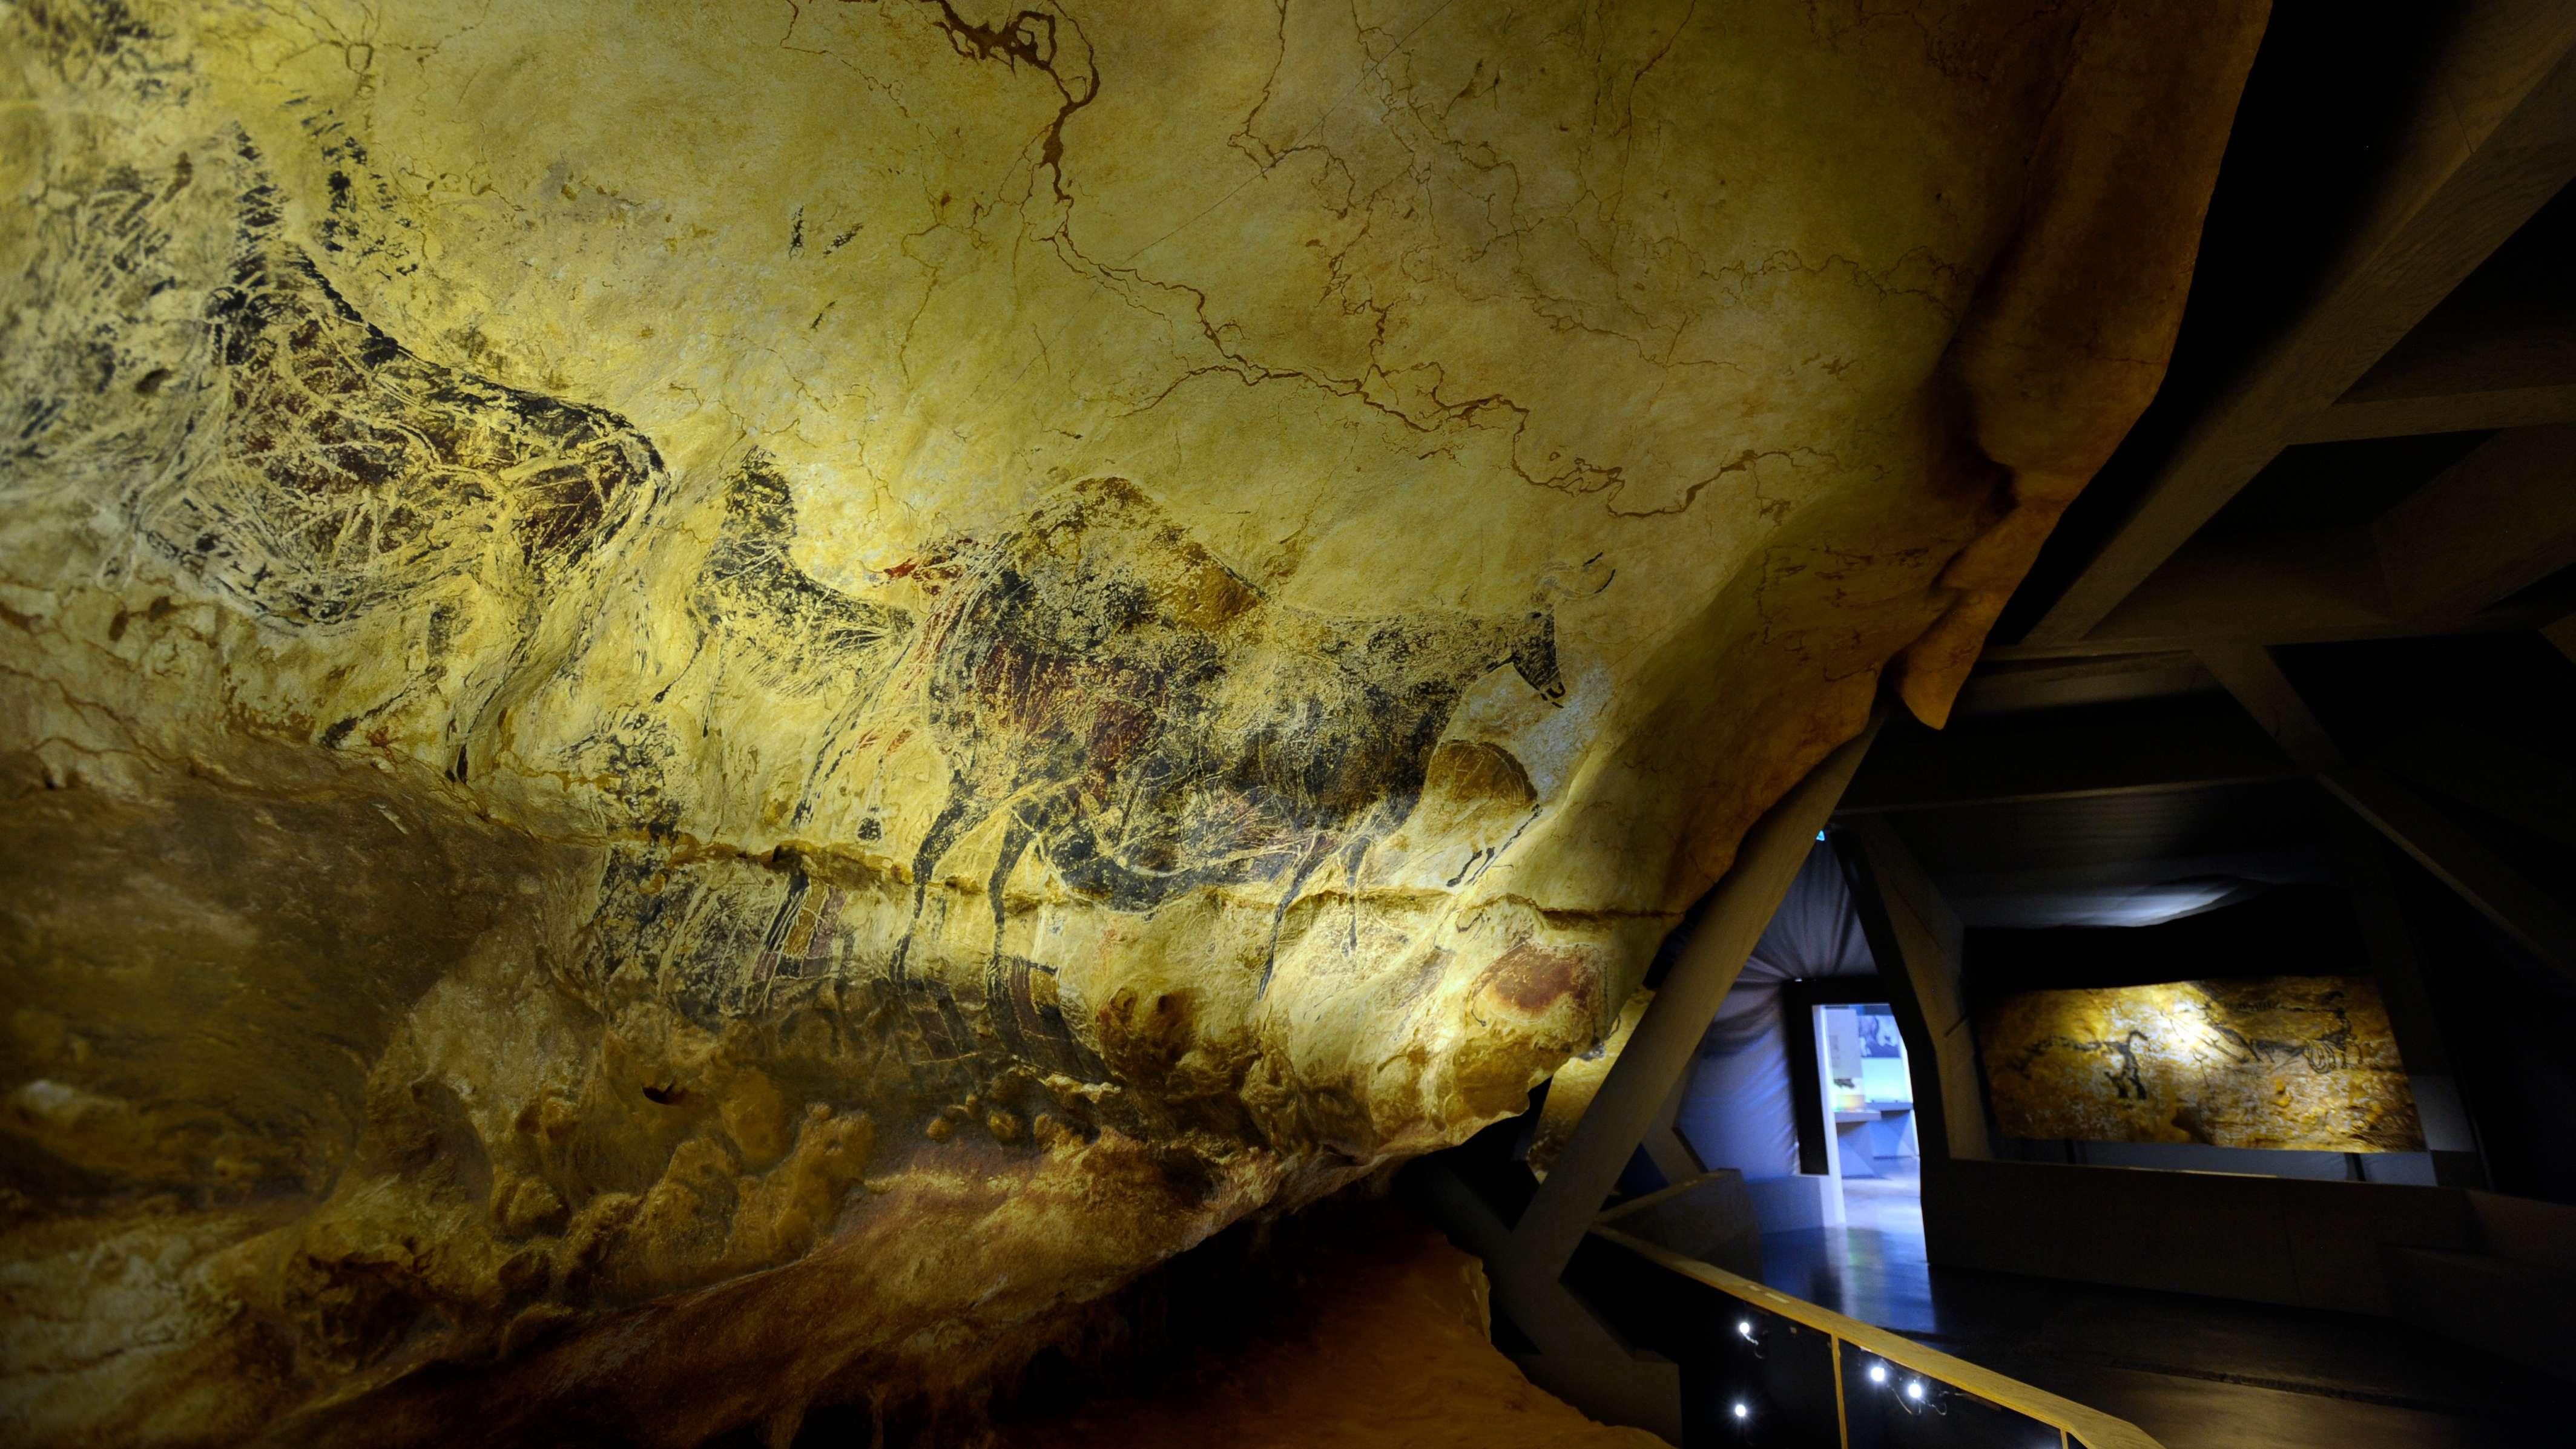 Teil der Ausstellung Lascaux III, der Wanderausstellung der steinzeitlichen Höhlenmalerei aus Frankreich.